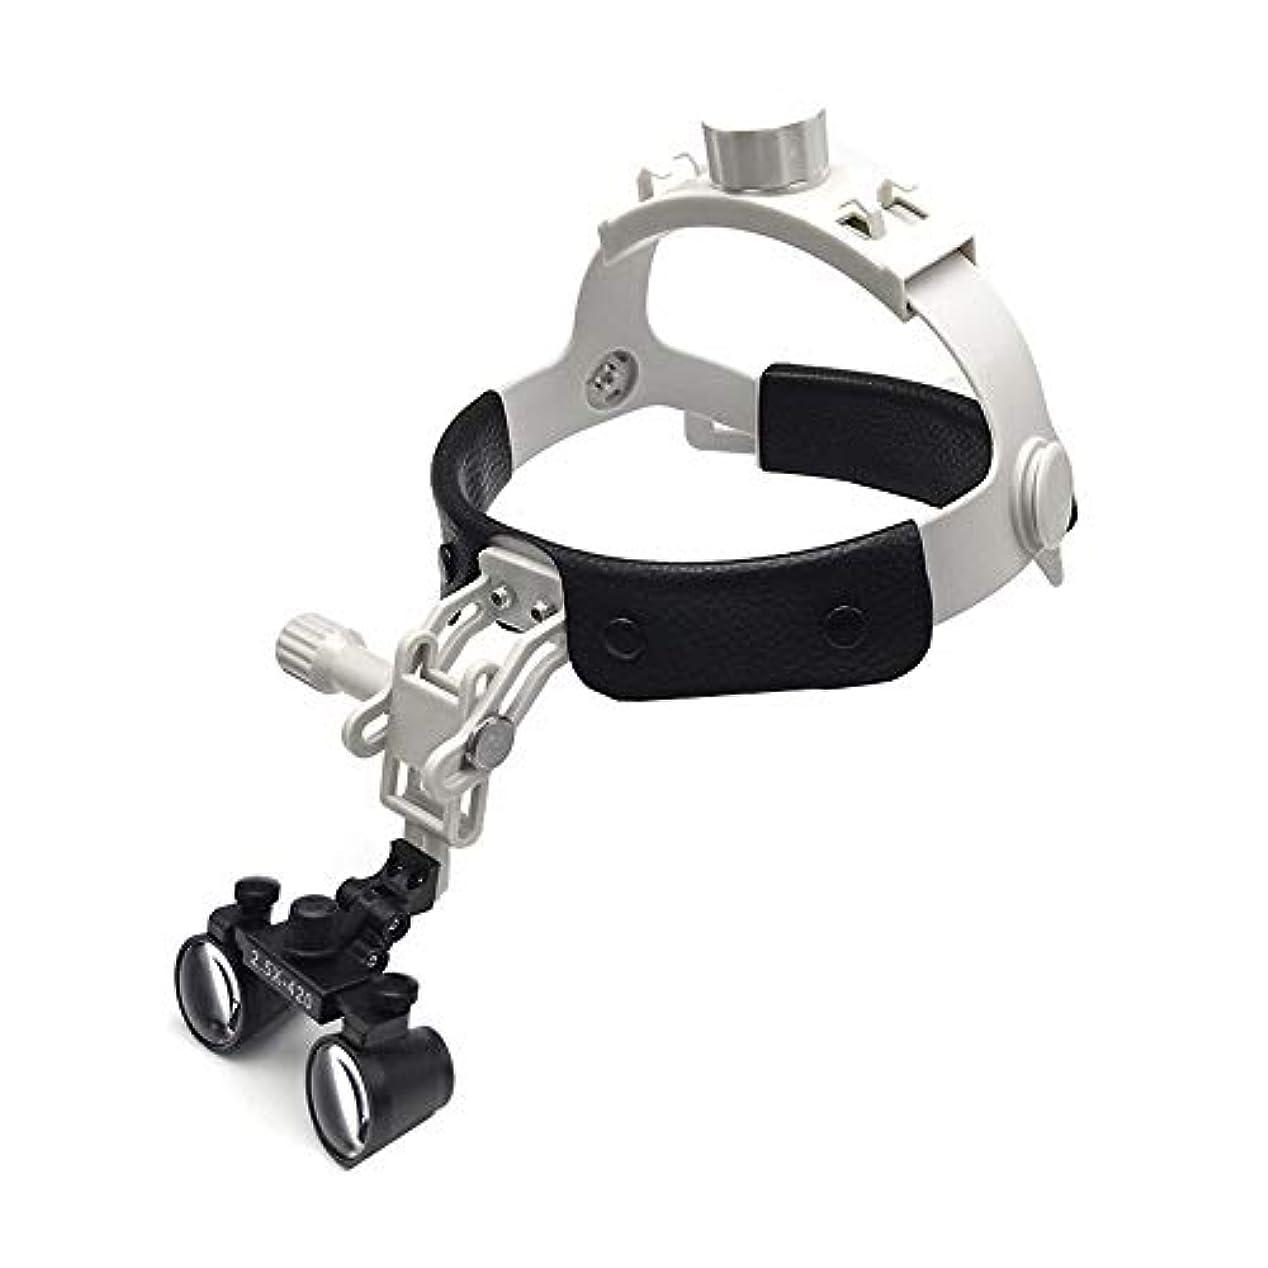 代替バースト追放するレザーケアと拡大鏡を身に着けて軽量小型レンズ2.5倍